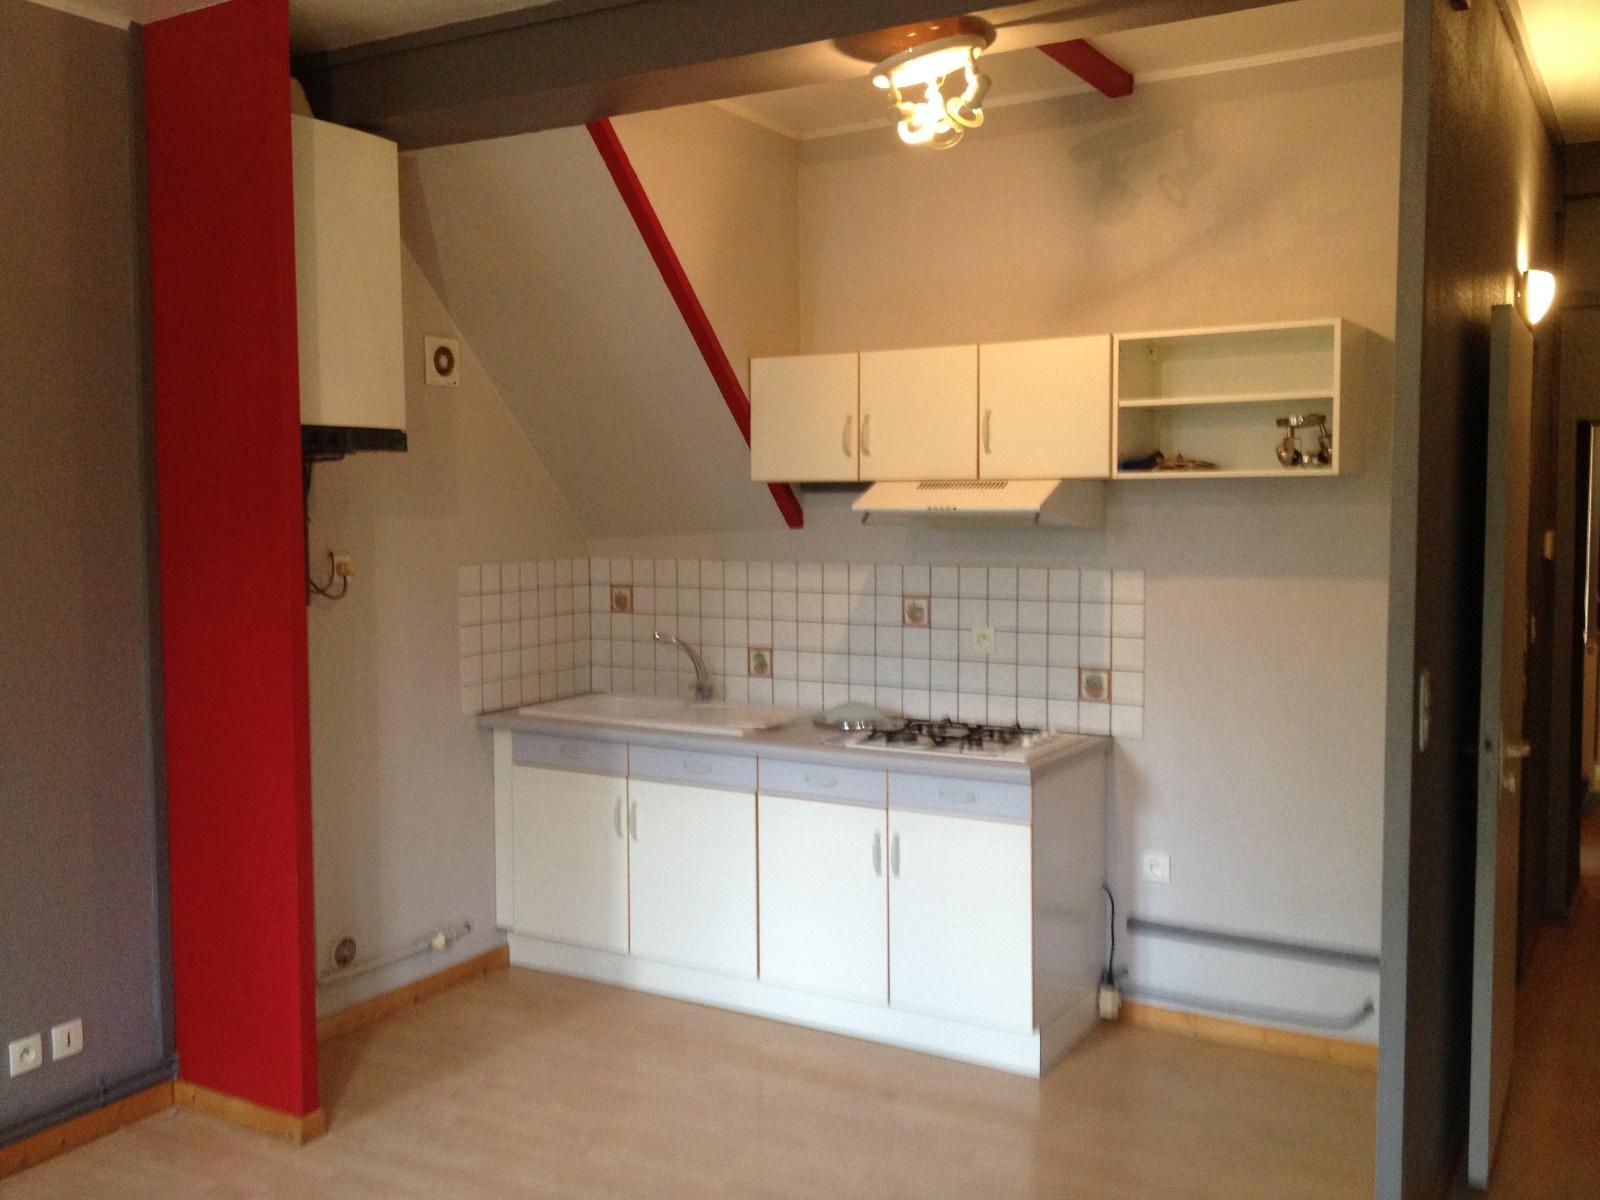 annonce location appartement romans sur is re 26100 50 m 370 992737899641. Black Bedroom Furniture Sets. Home Design Ideas